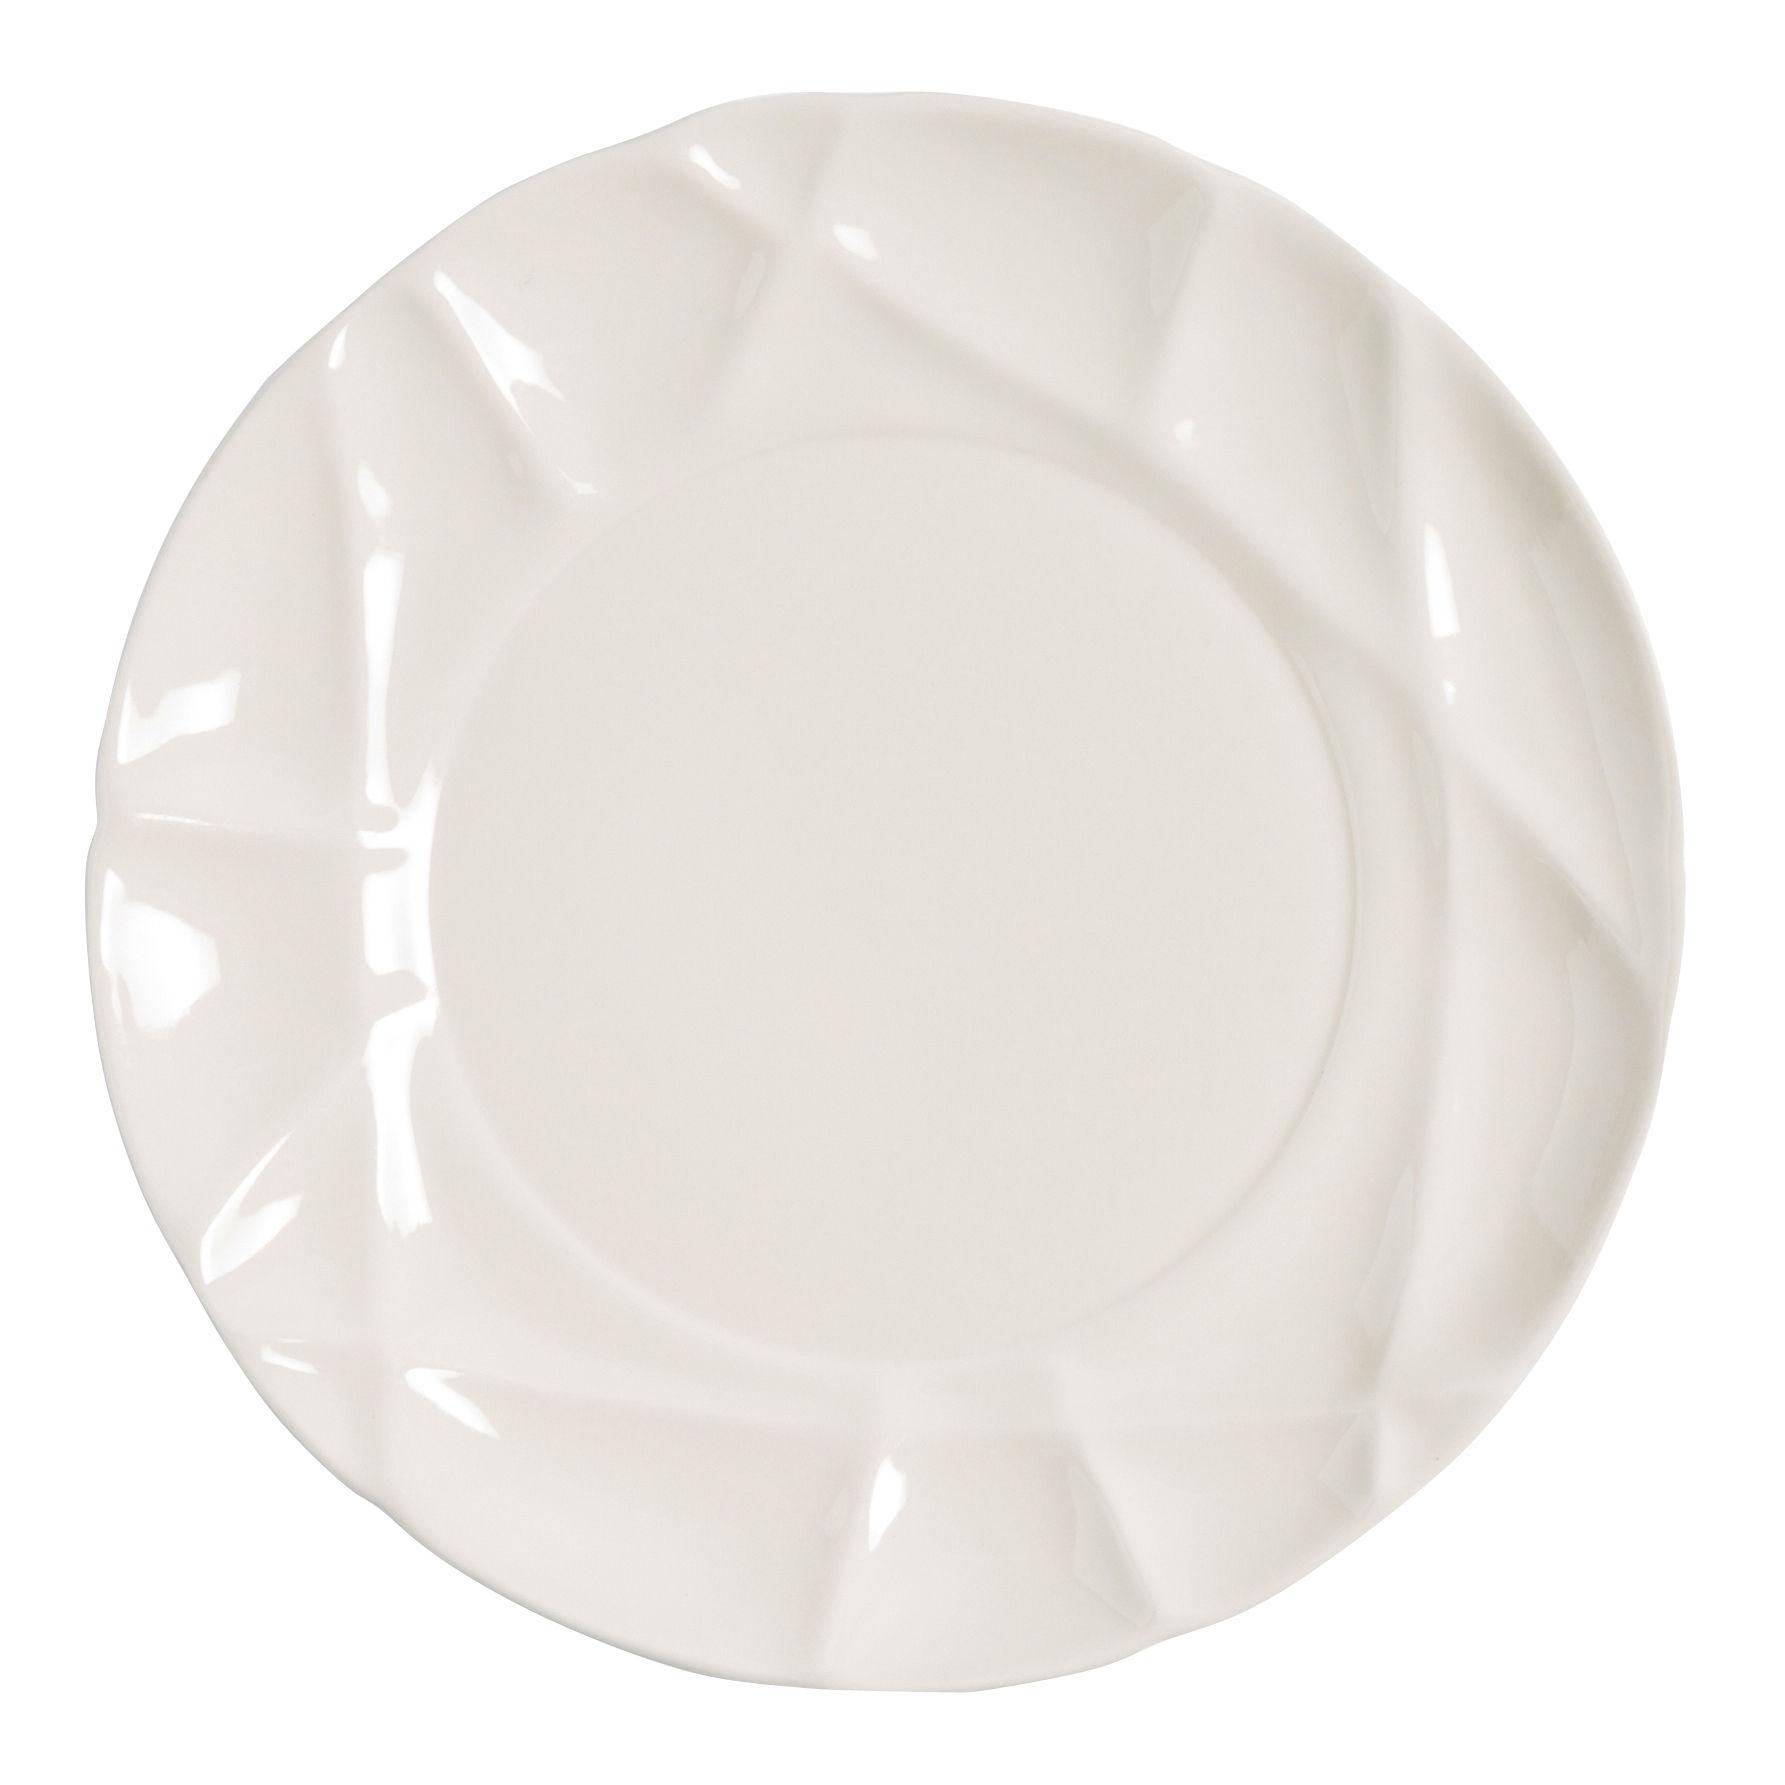 Arts de la table - Assiettes - Assiette Succession / Ø 26 cm - Porcelaine - Fait main - Petite Friture - Blanc - Porcelaine